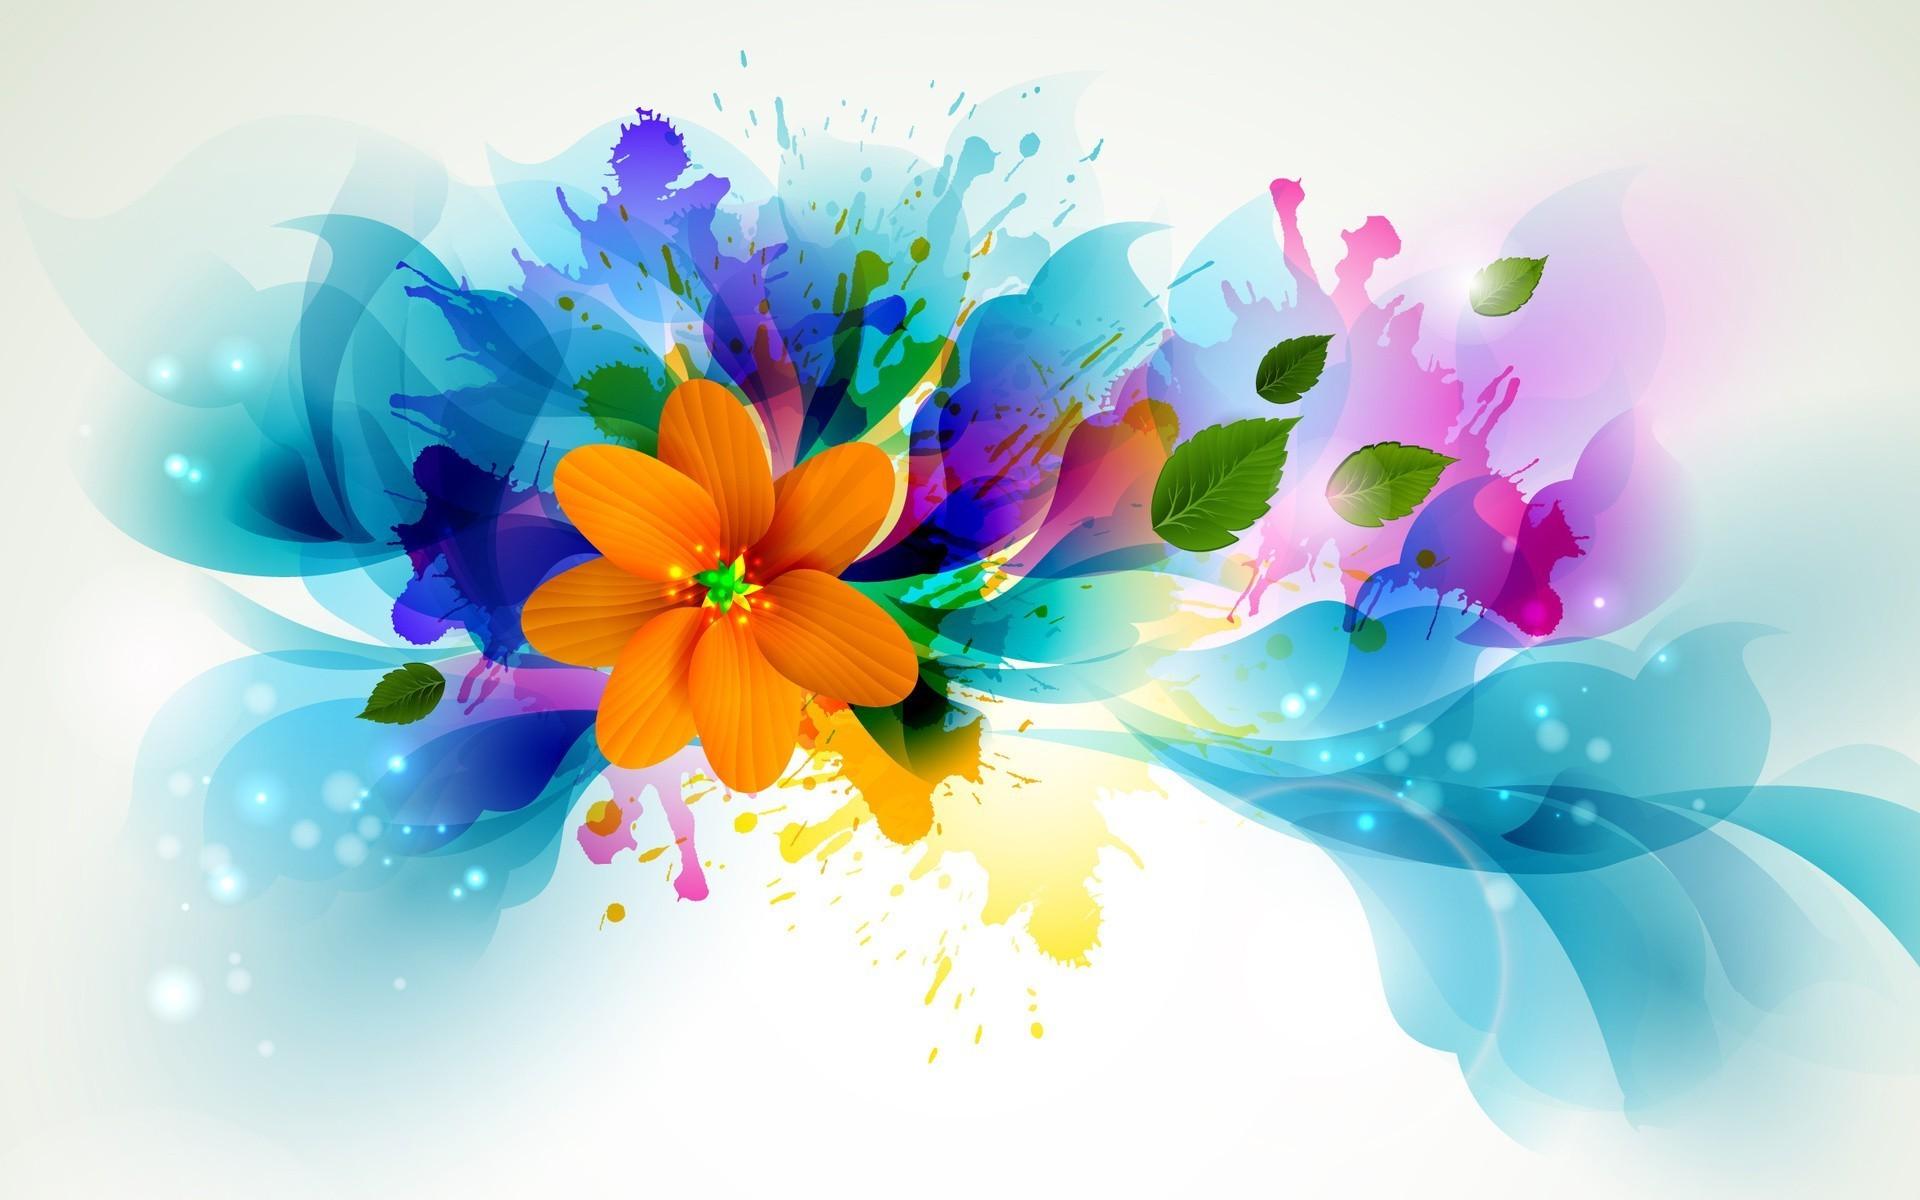 paint splatter wallpaper 73 images